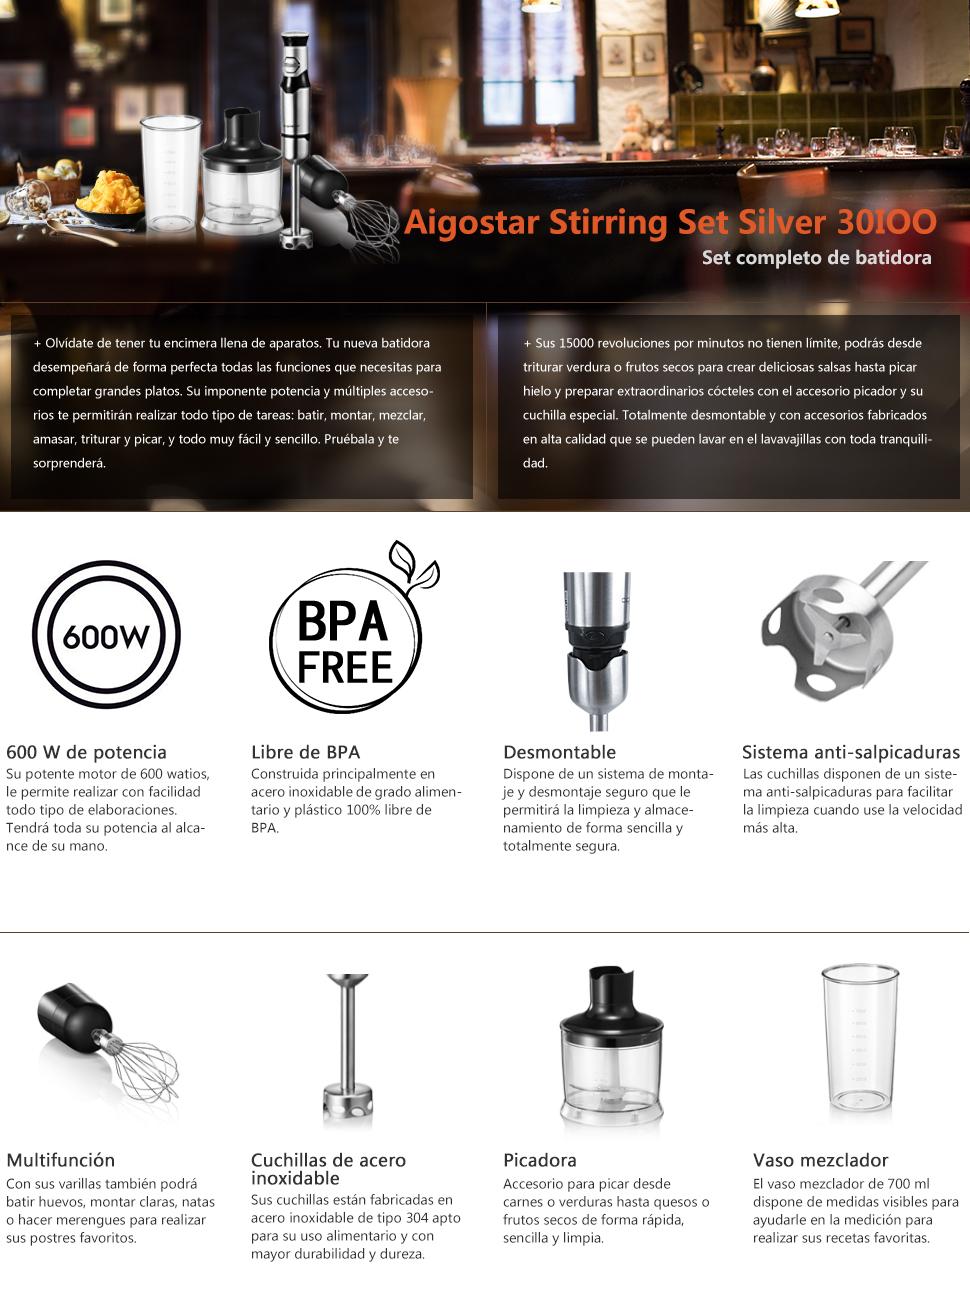 Aigostar Stirring Set Silver 30IOO - Set de batidora de mano, picadora y varilla mezcladora, 600 W, control graduable y dos velocidades. Libre de BPA, acero inoxidable tipo 304. Diseño exclusivo: Amazon.es: Hogar